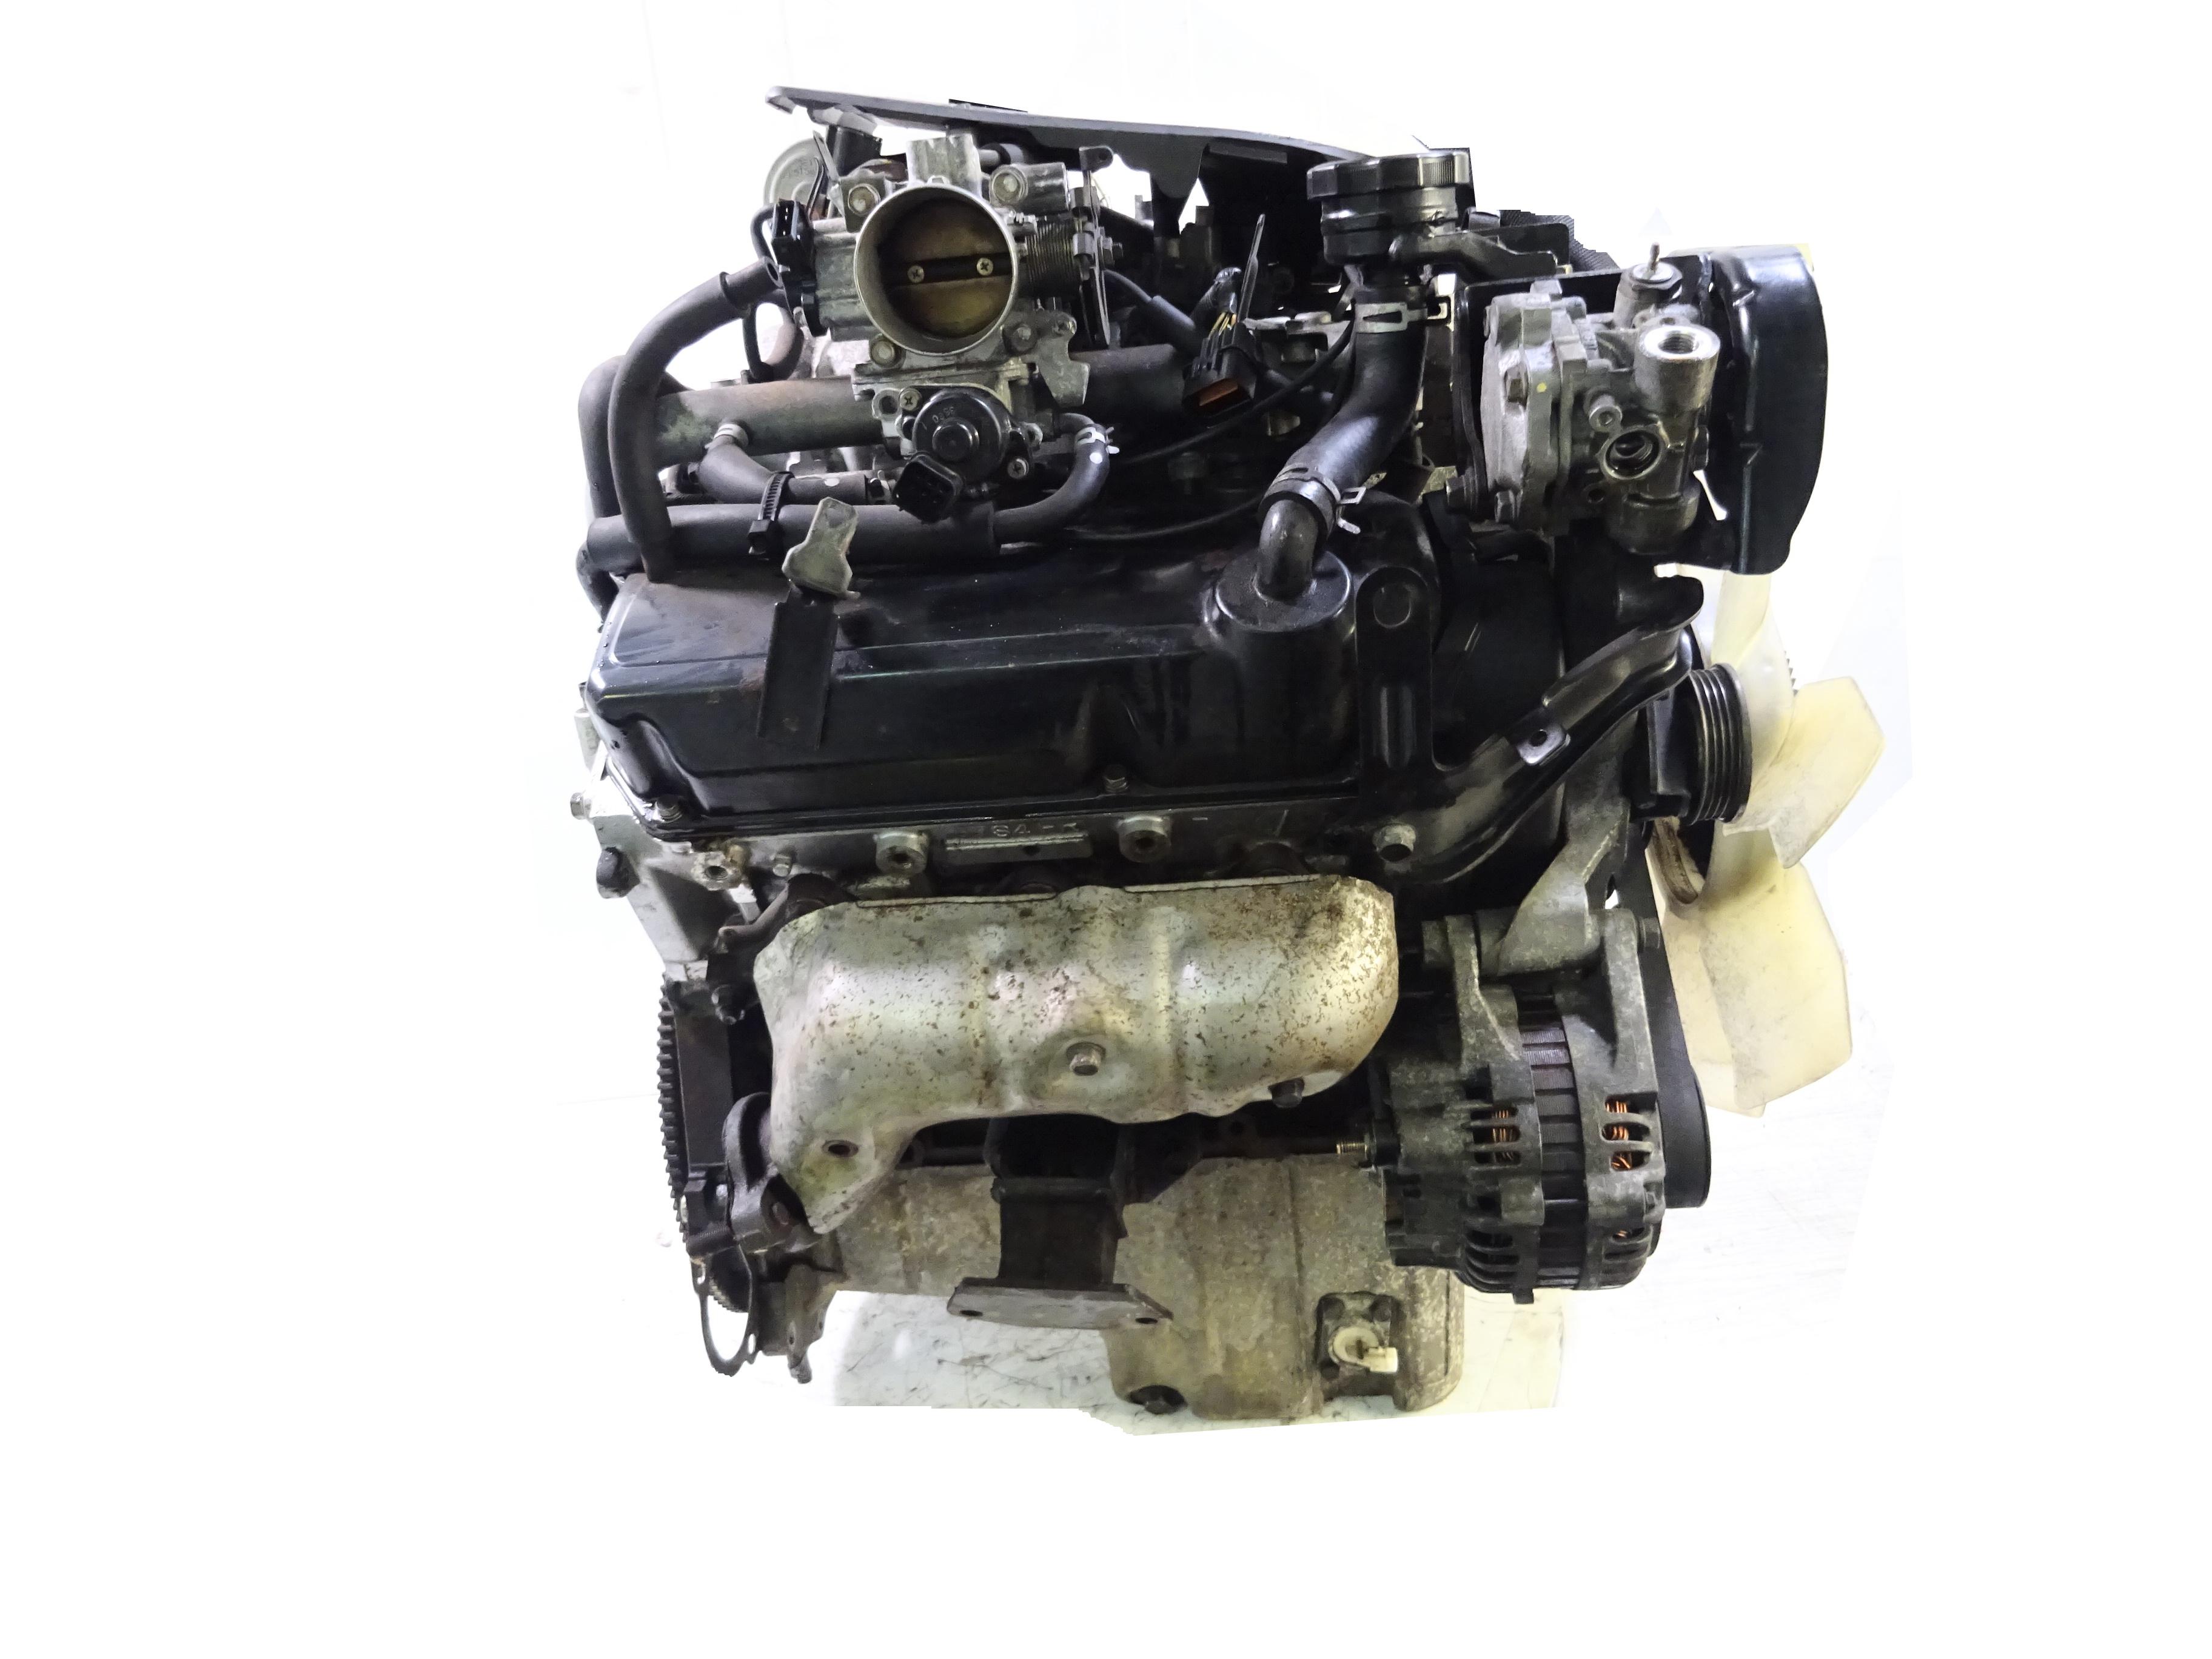 Motor 2003 für Mitsubishi Pajero Sport Shogun 3,0 V6 6G72 SOHC 24V